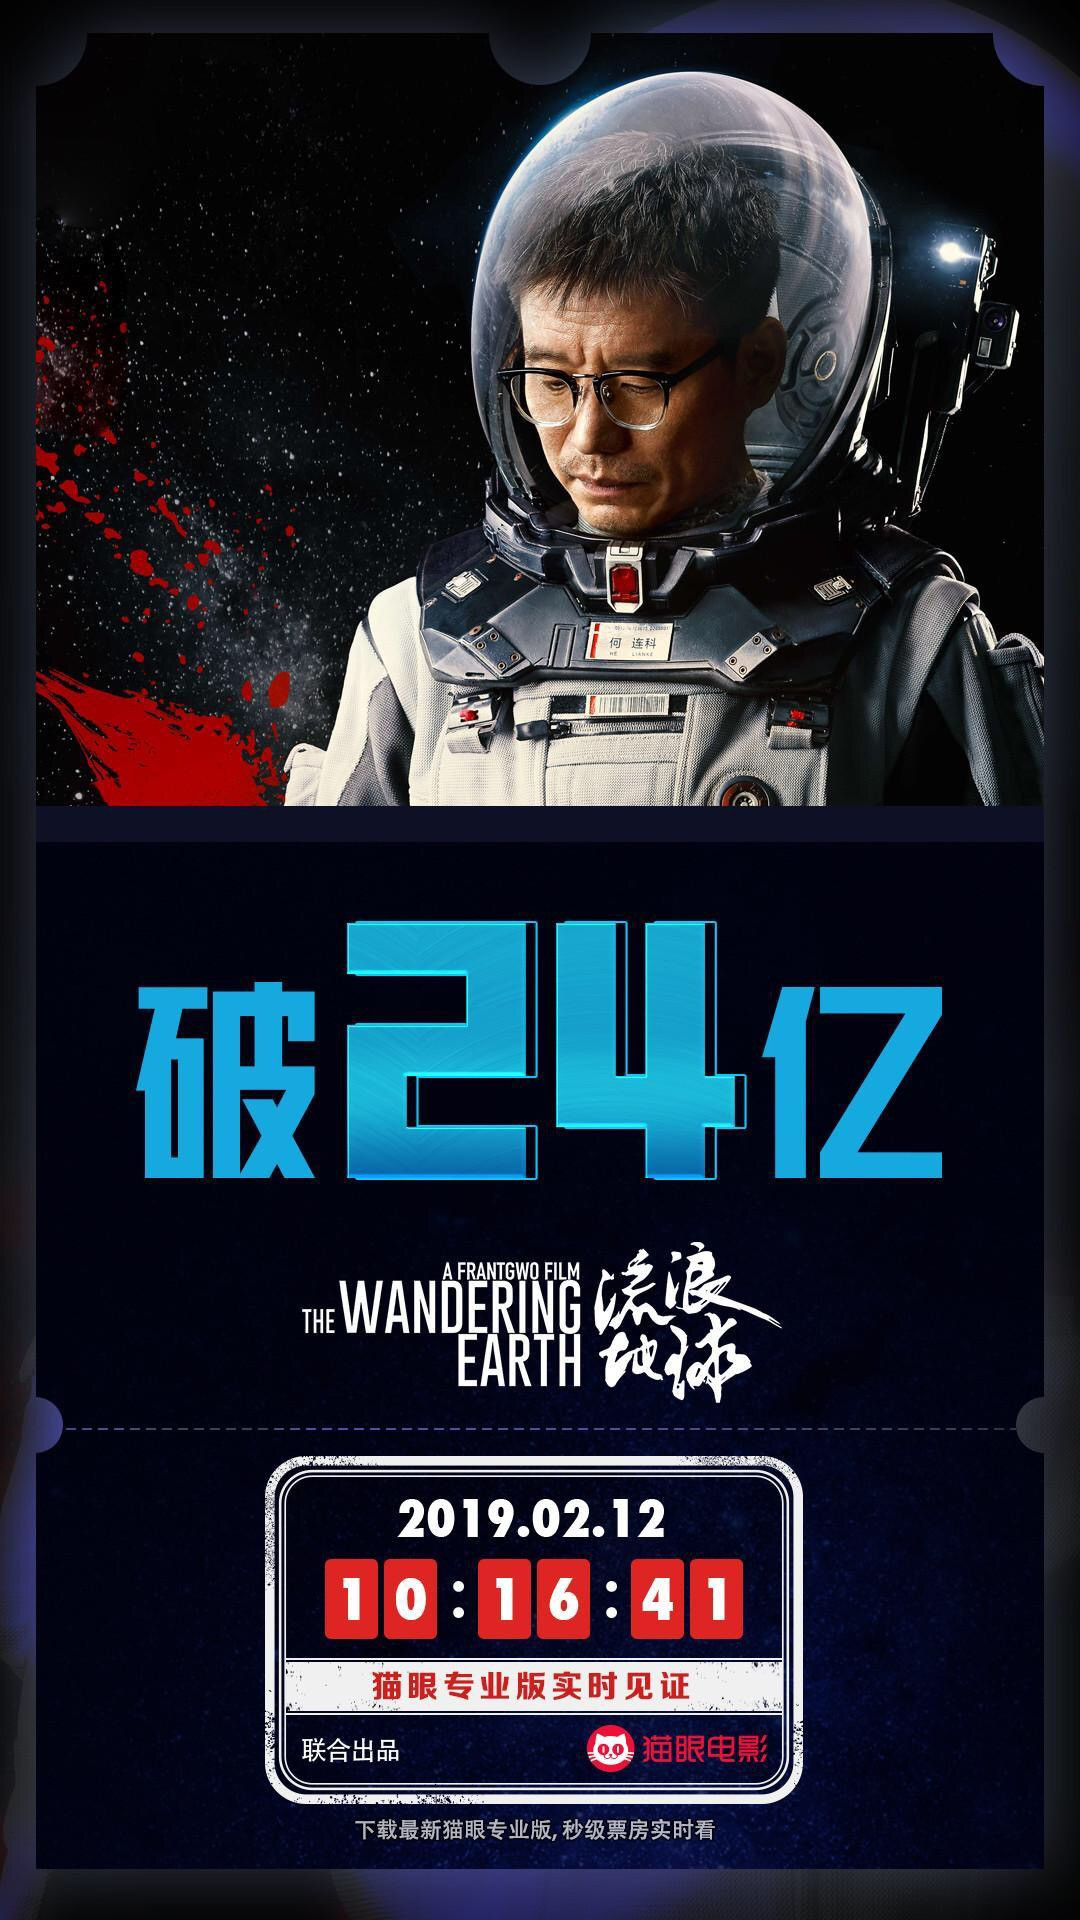 原創             流浪地球票房達24億,超越《復聯3》躋身中國票房排行榜前10!